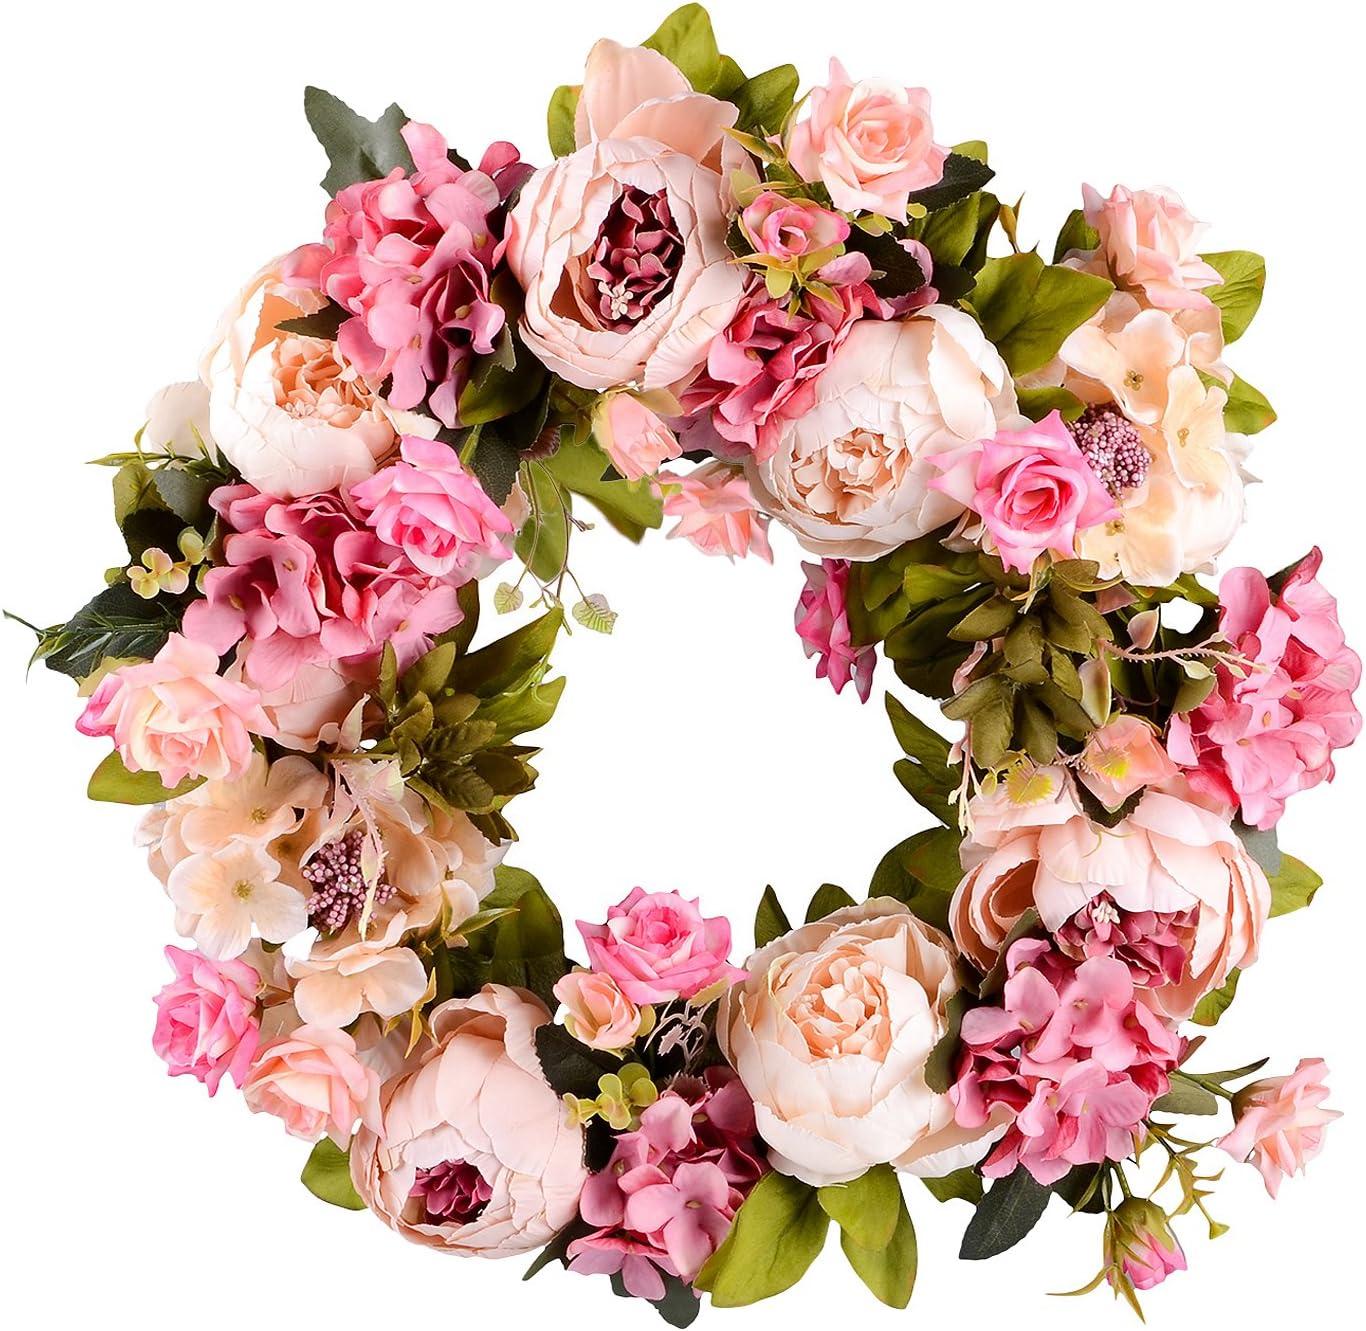 Peony Wreath Fall Floral Wreath Indoor Wreath Outdoor Wreath, Welcome Wreath Grapevine Wreath